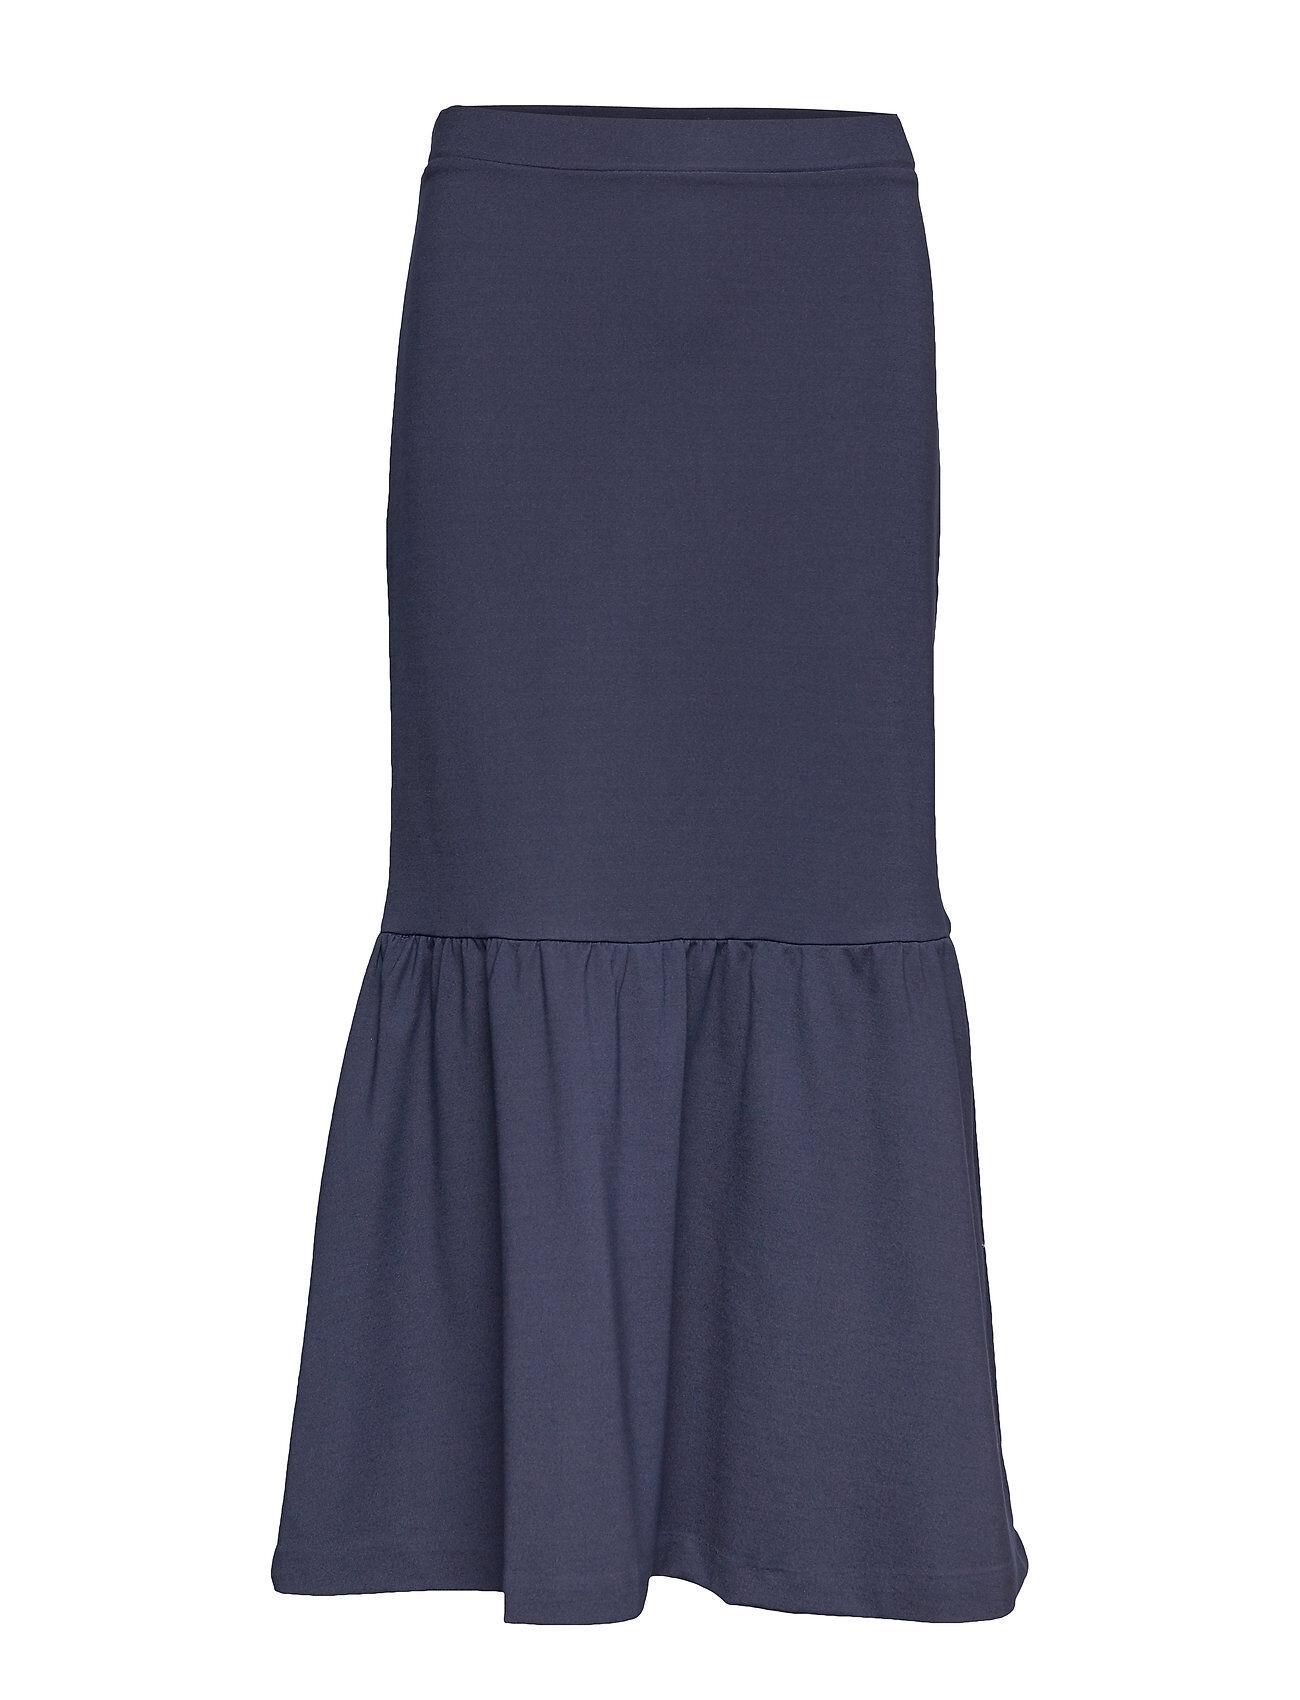 Residus Susie Skirt Polvipituinen Hame Sininen Residus